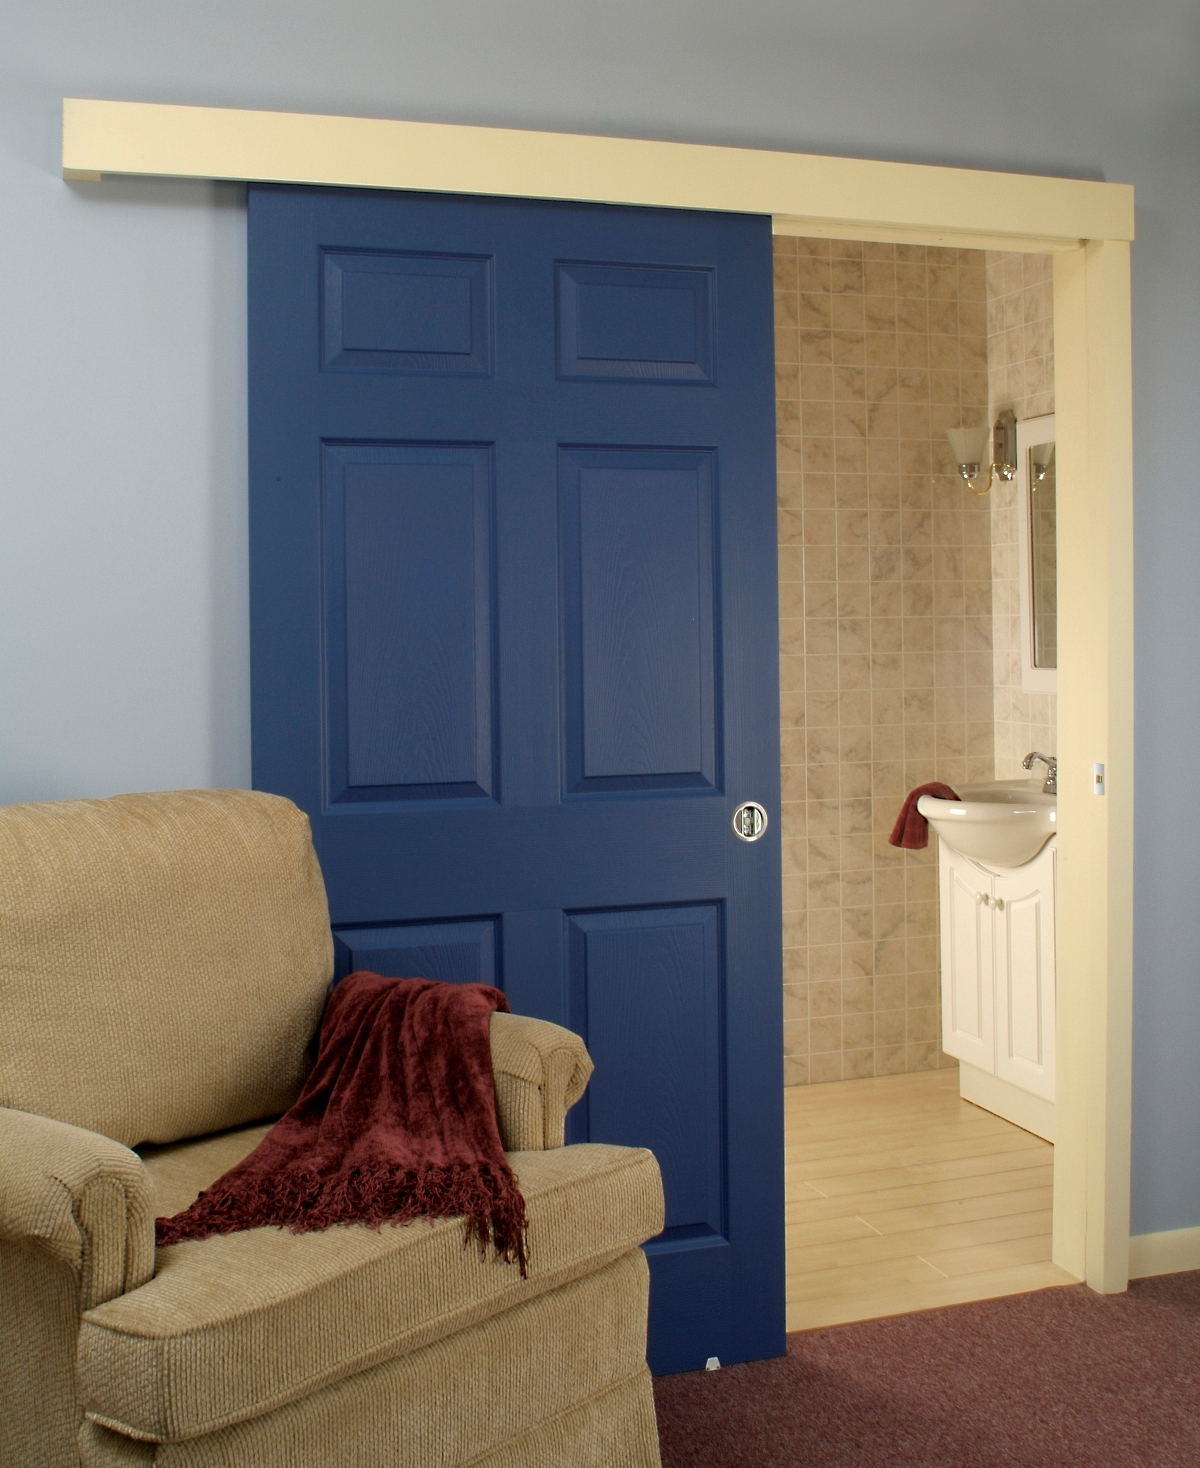 инструкция по сборке дверей шкафа гармошка